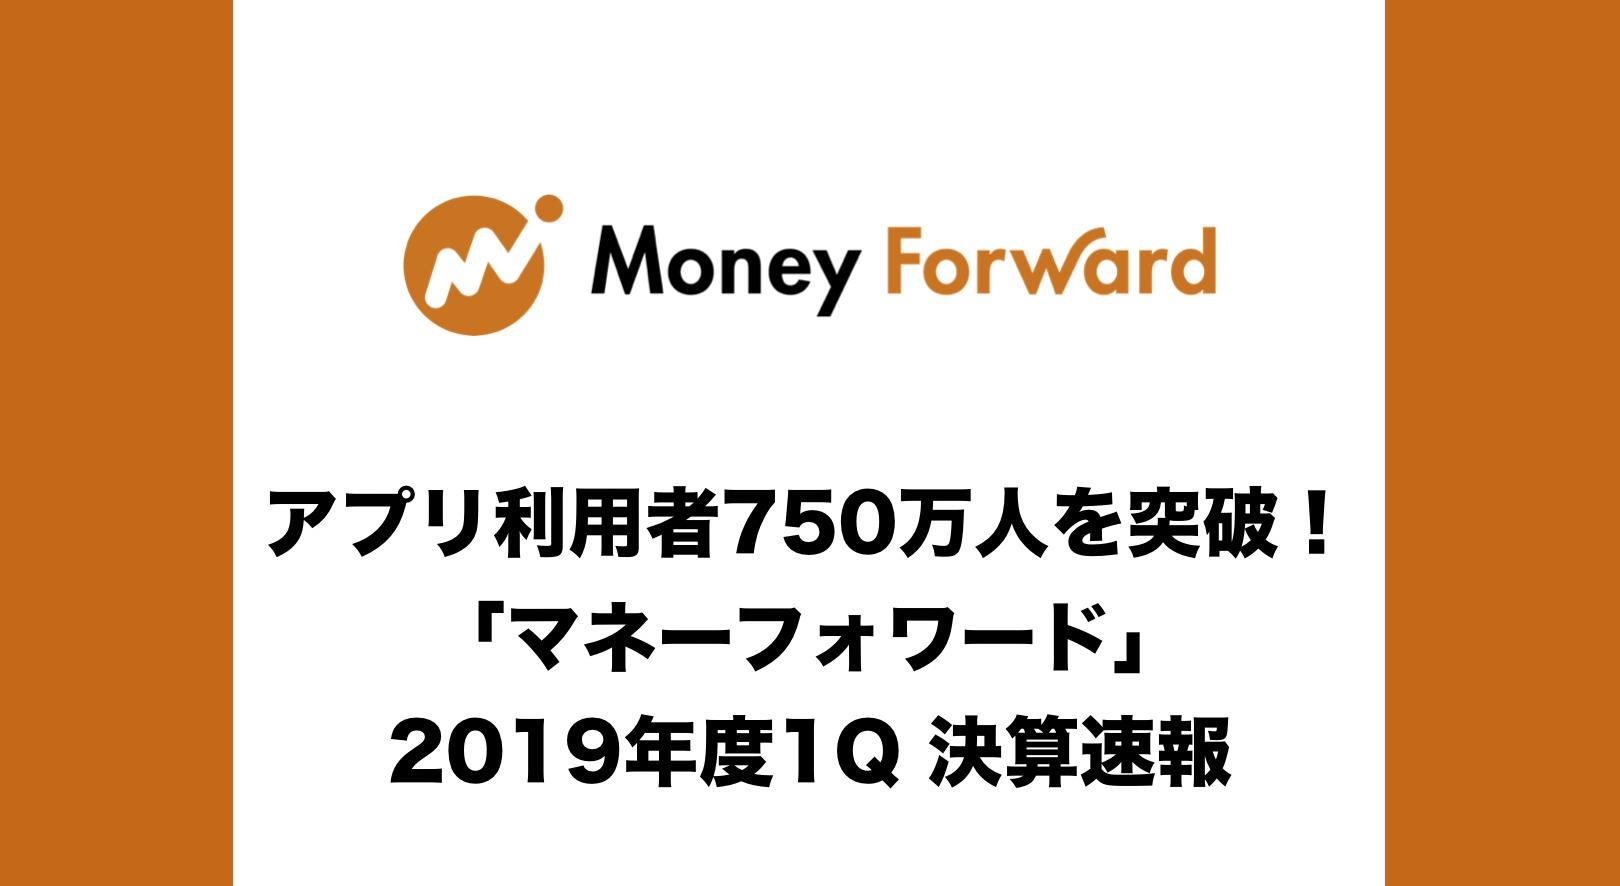 アプリユーザー750万人を突破!「マネーフォワード」2019年度1Q決算まとめ